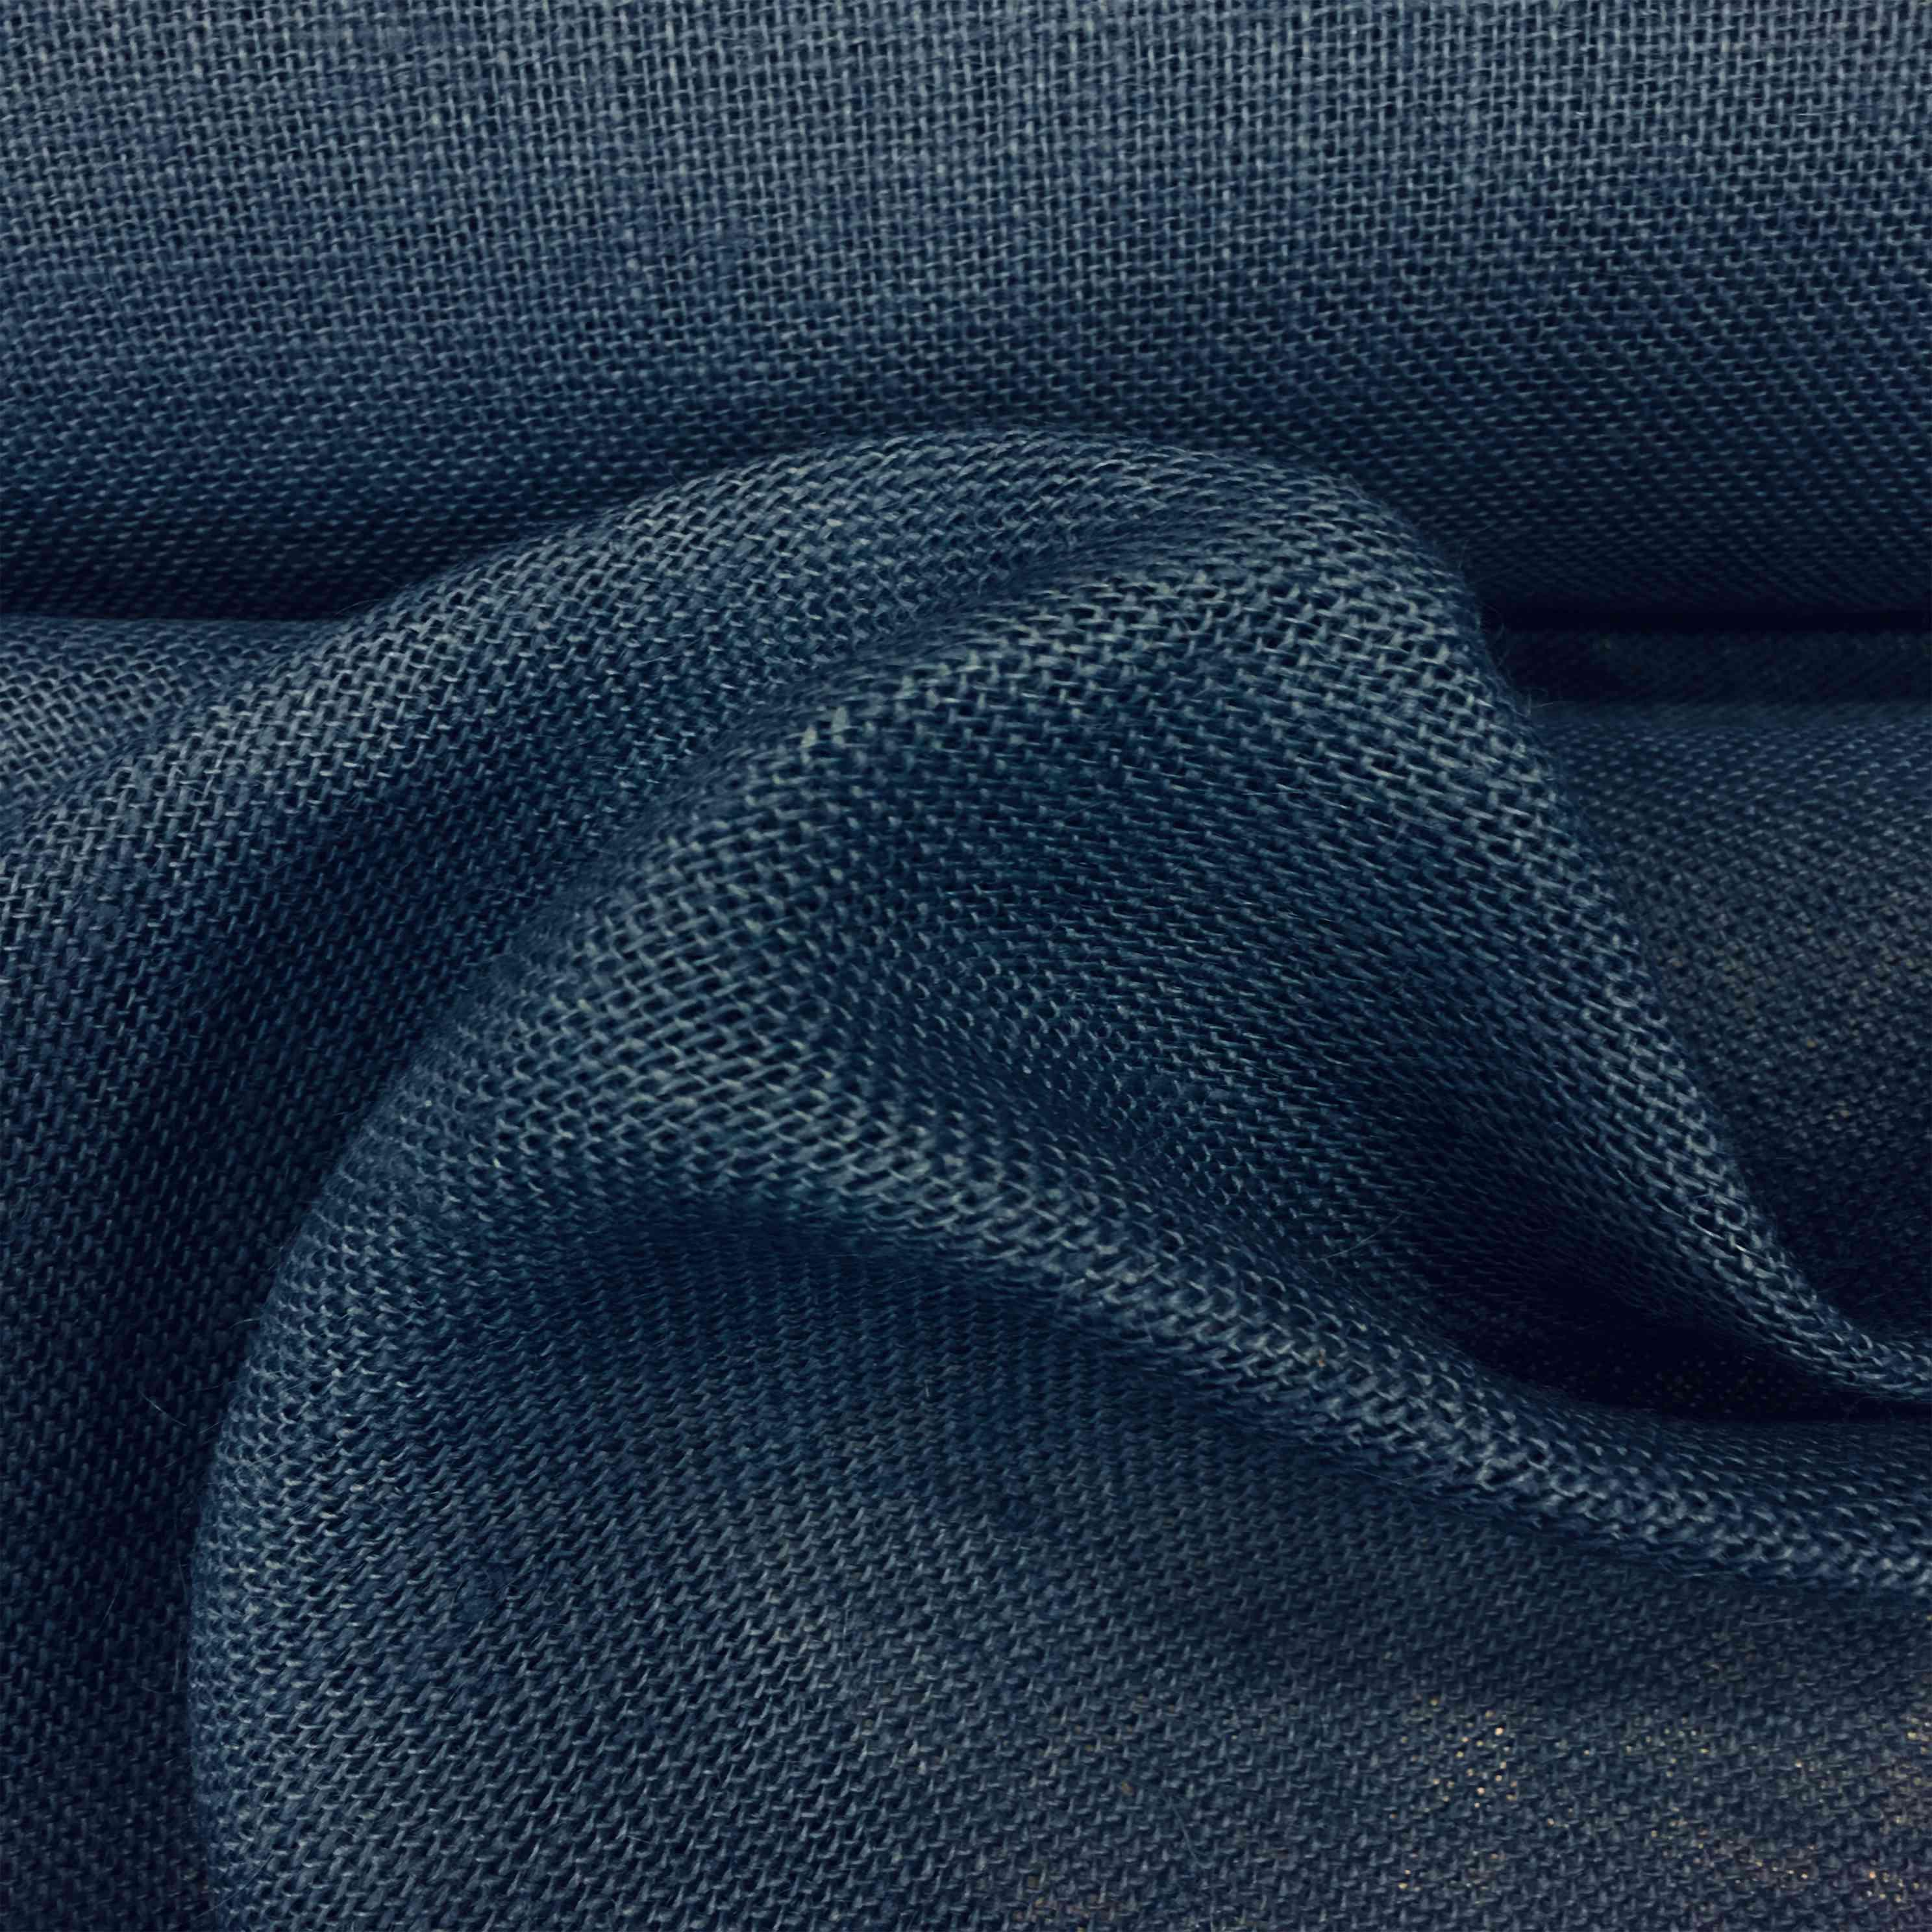 tissu toile de jute marine tissus lionel. Black Bedroom Furniture Sets. Home Design Ideas